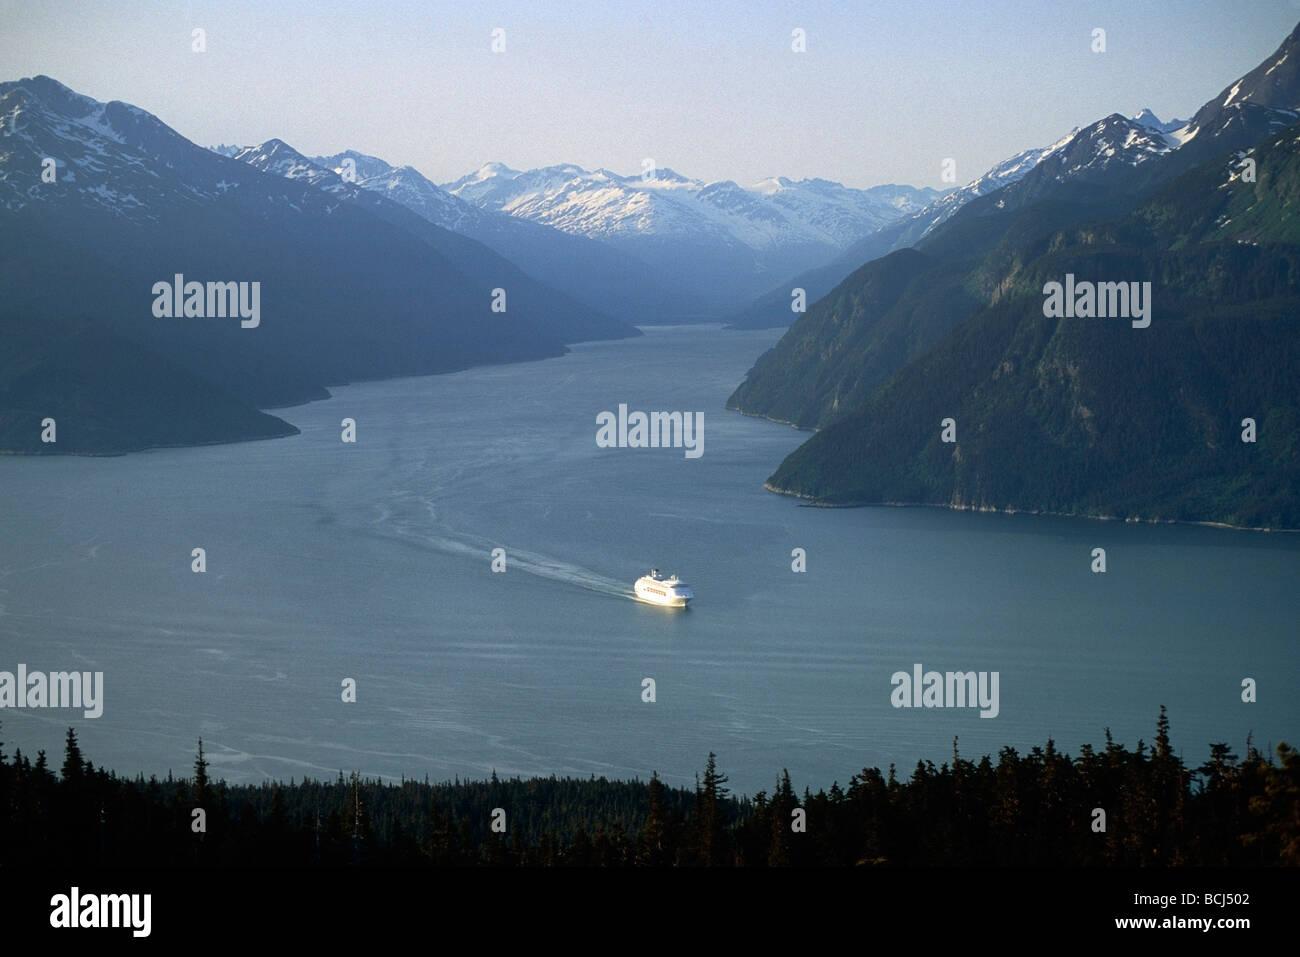 Princess Cruiseship in Taiya Inlet Southeast Alaska - Stock Image